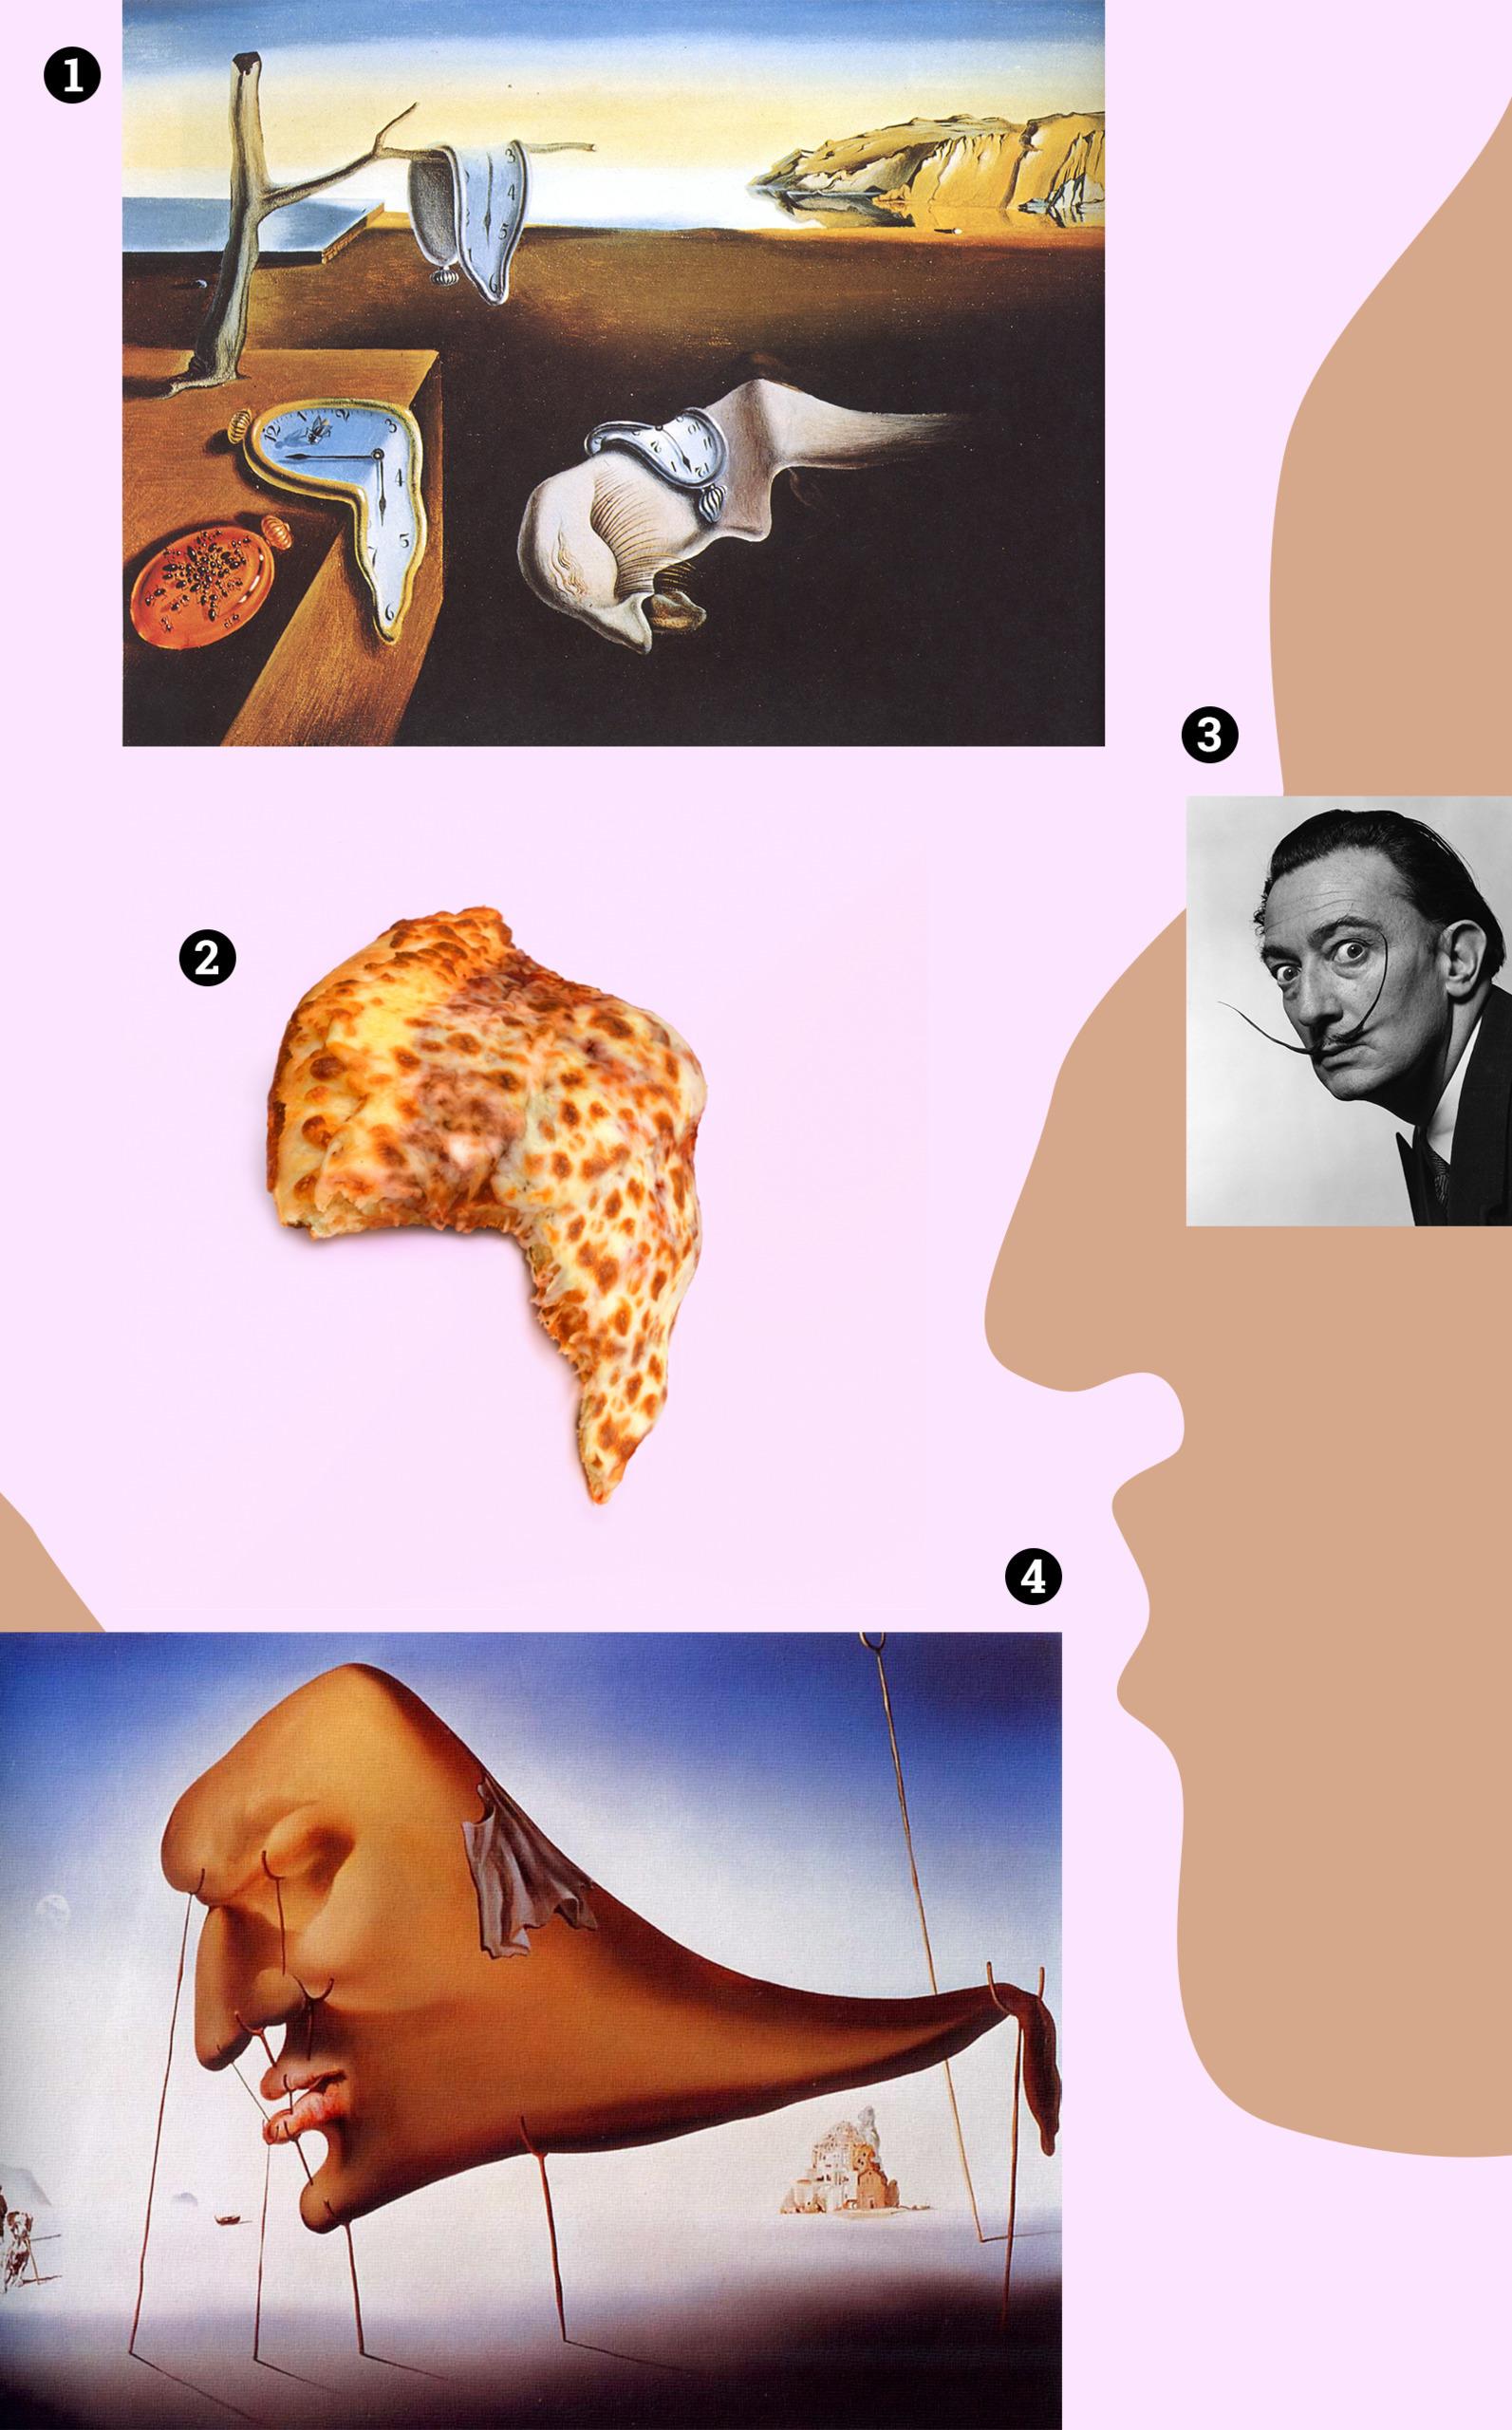 Obraz przedstawia różne elementy i zdjęcia na blado-różowym tle. Widzimy kawałek pizzy, fotografię portretową i zdjęcia obrazów.